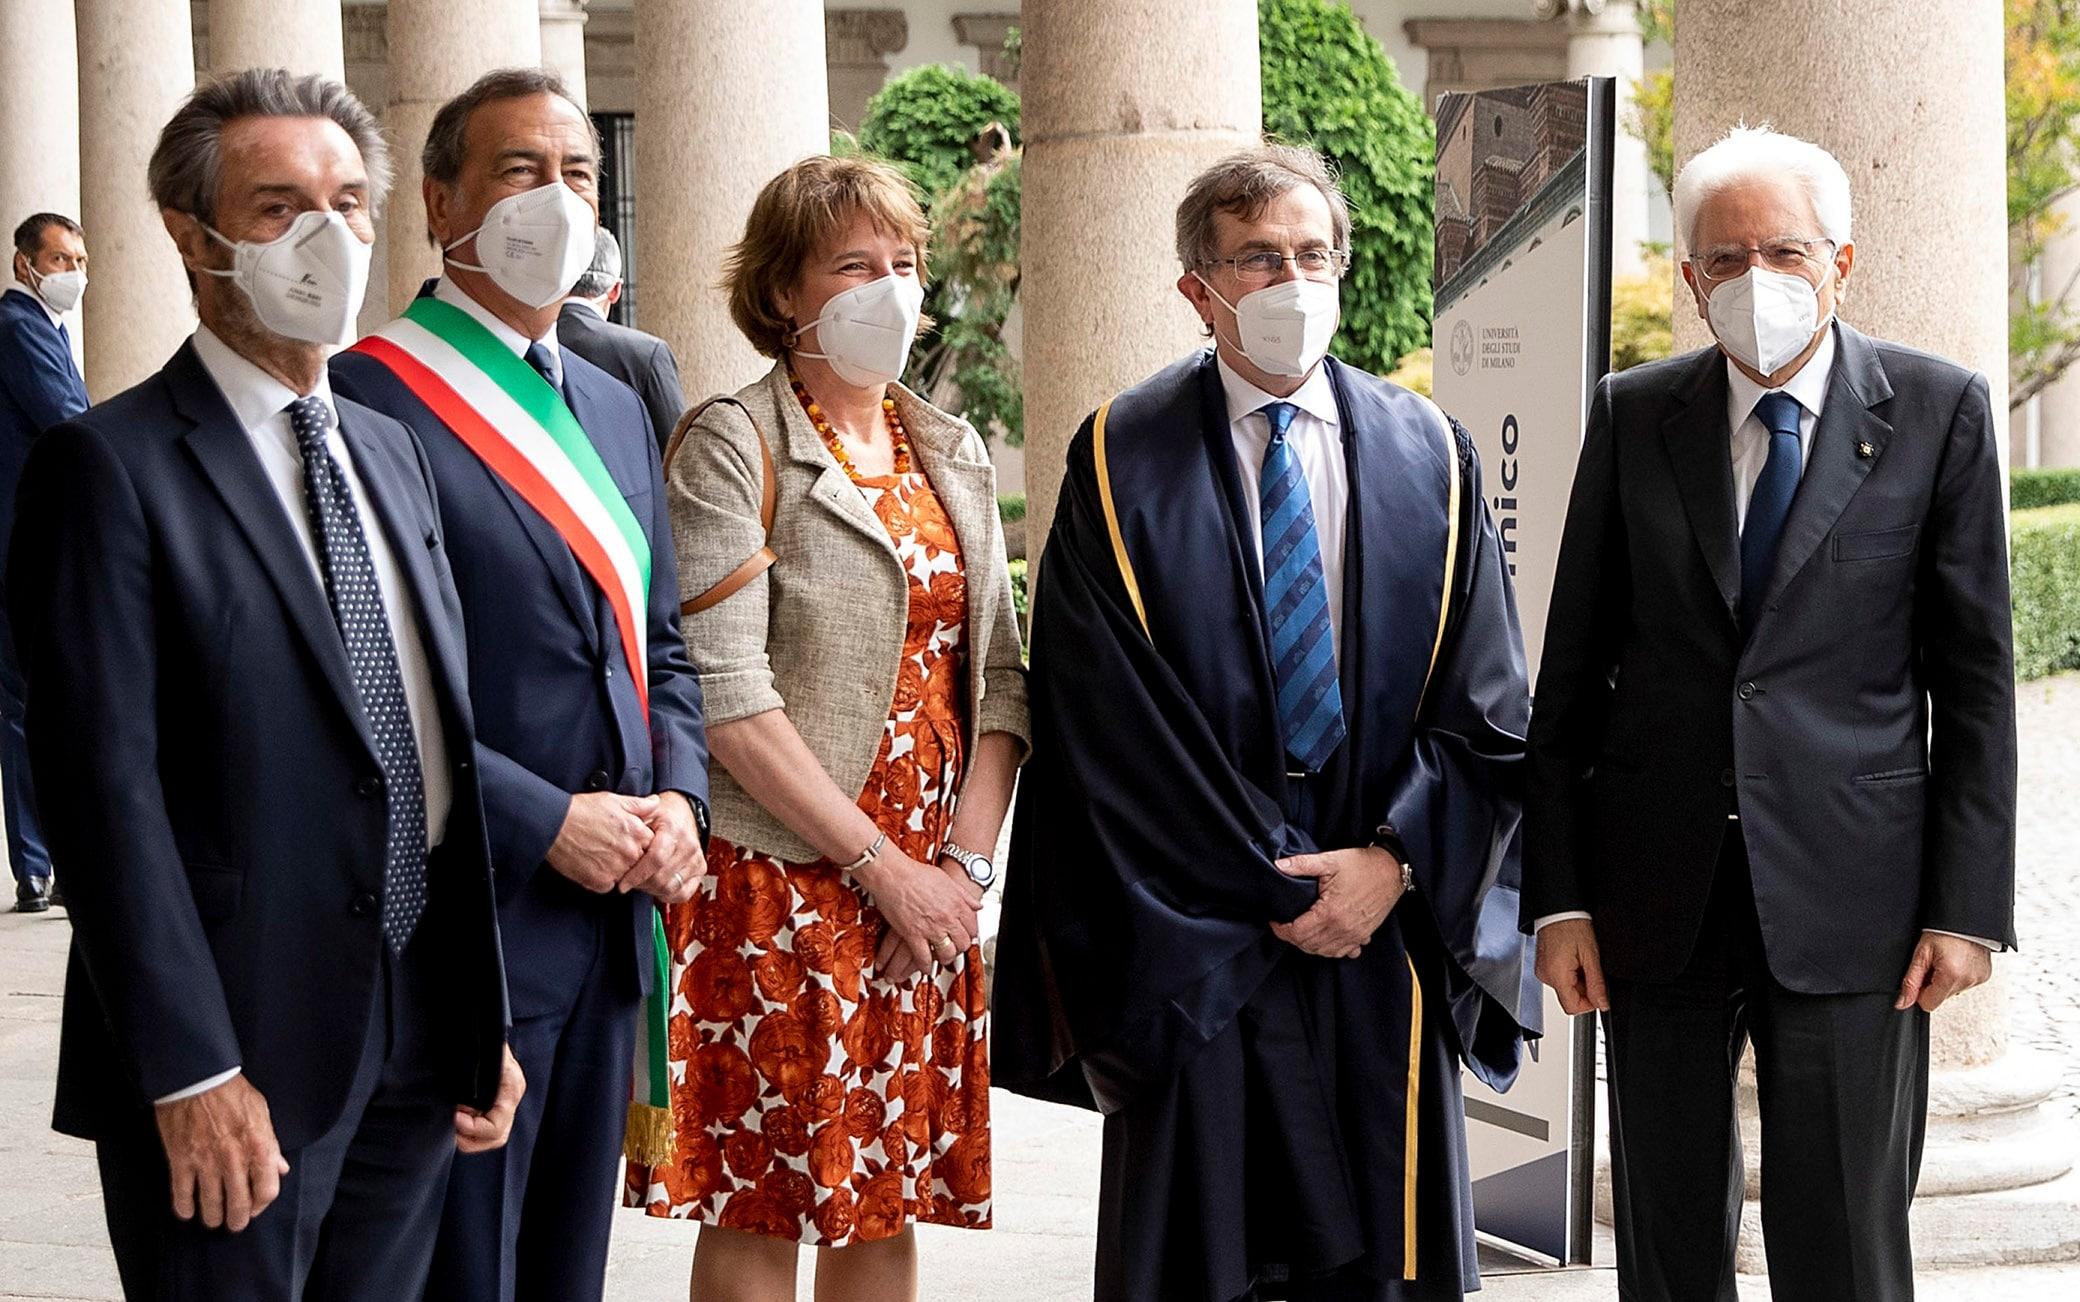 Il presidente della Repubblica, Sergio Mattarella, all'inaugurazione dell'anno accademico 2020-2021 dell'Università Statale di Milano